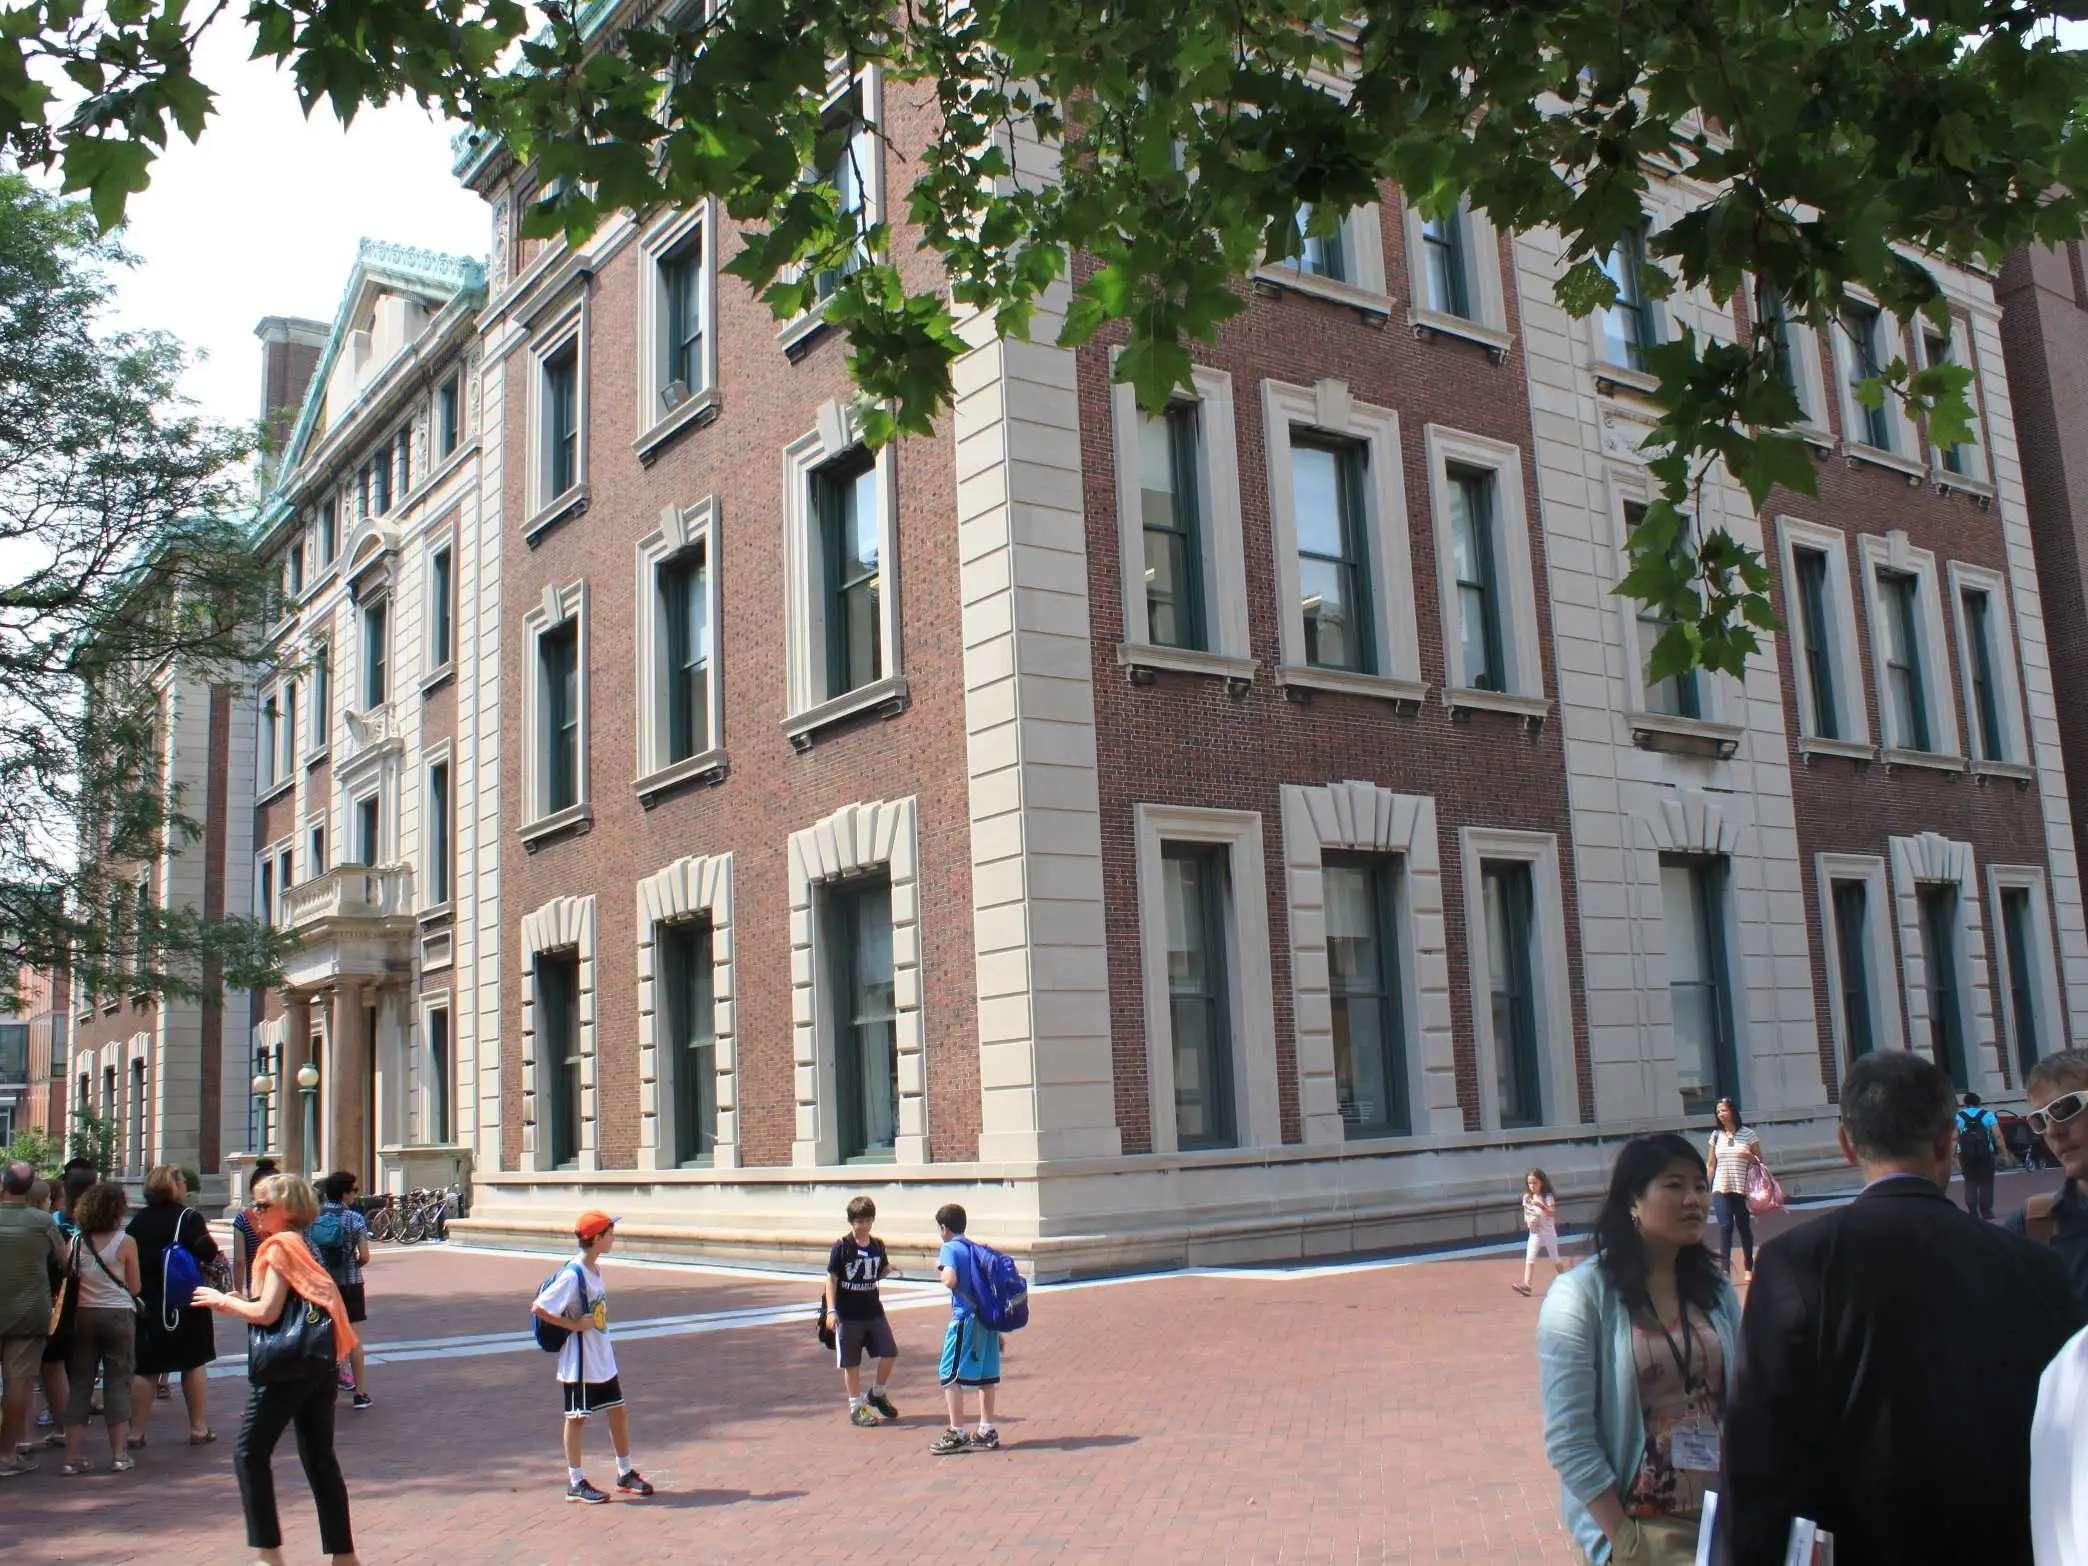 #4 Columbia University